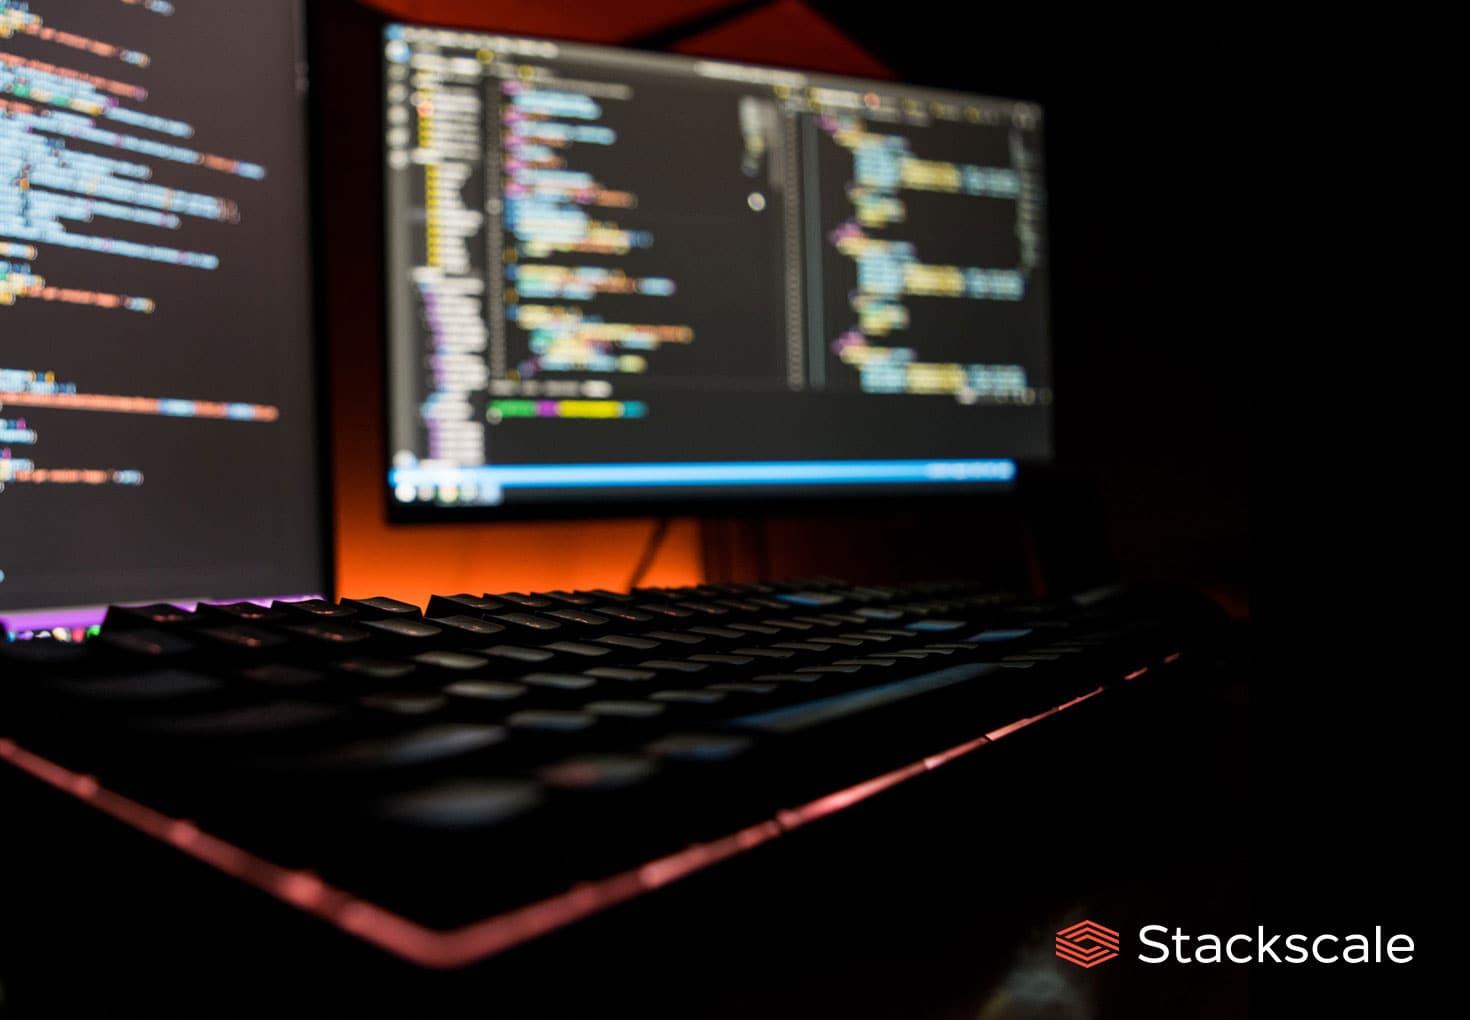 Top 10 programming languages 2020